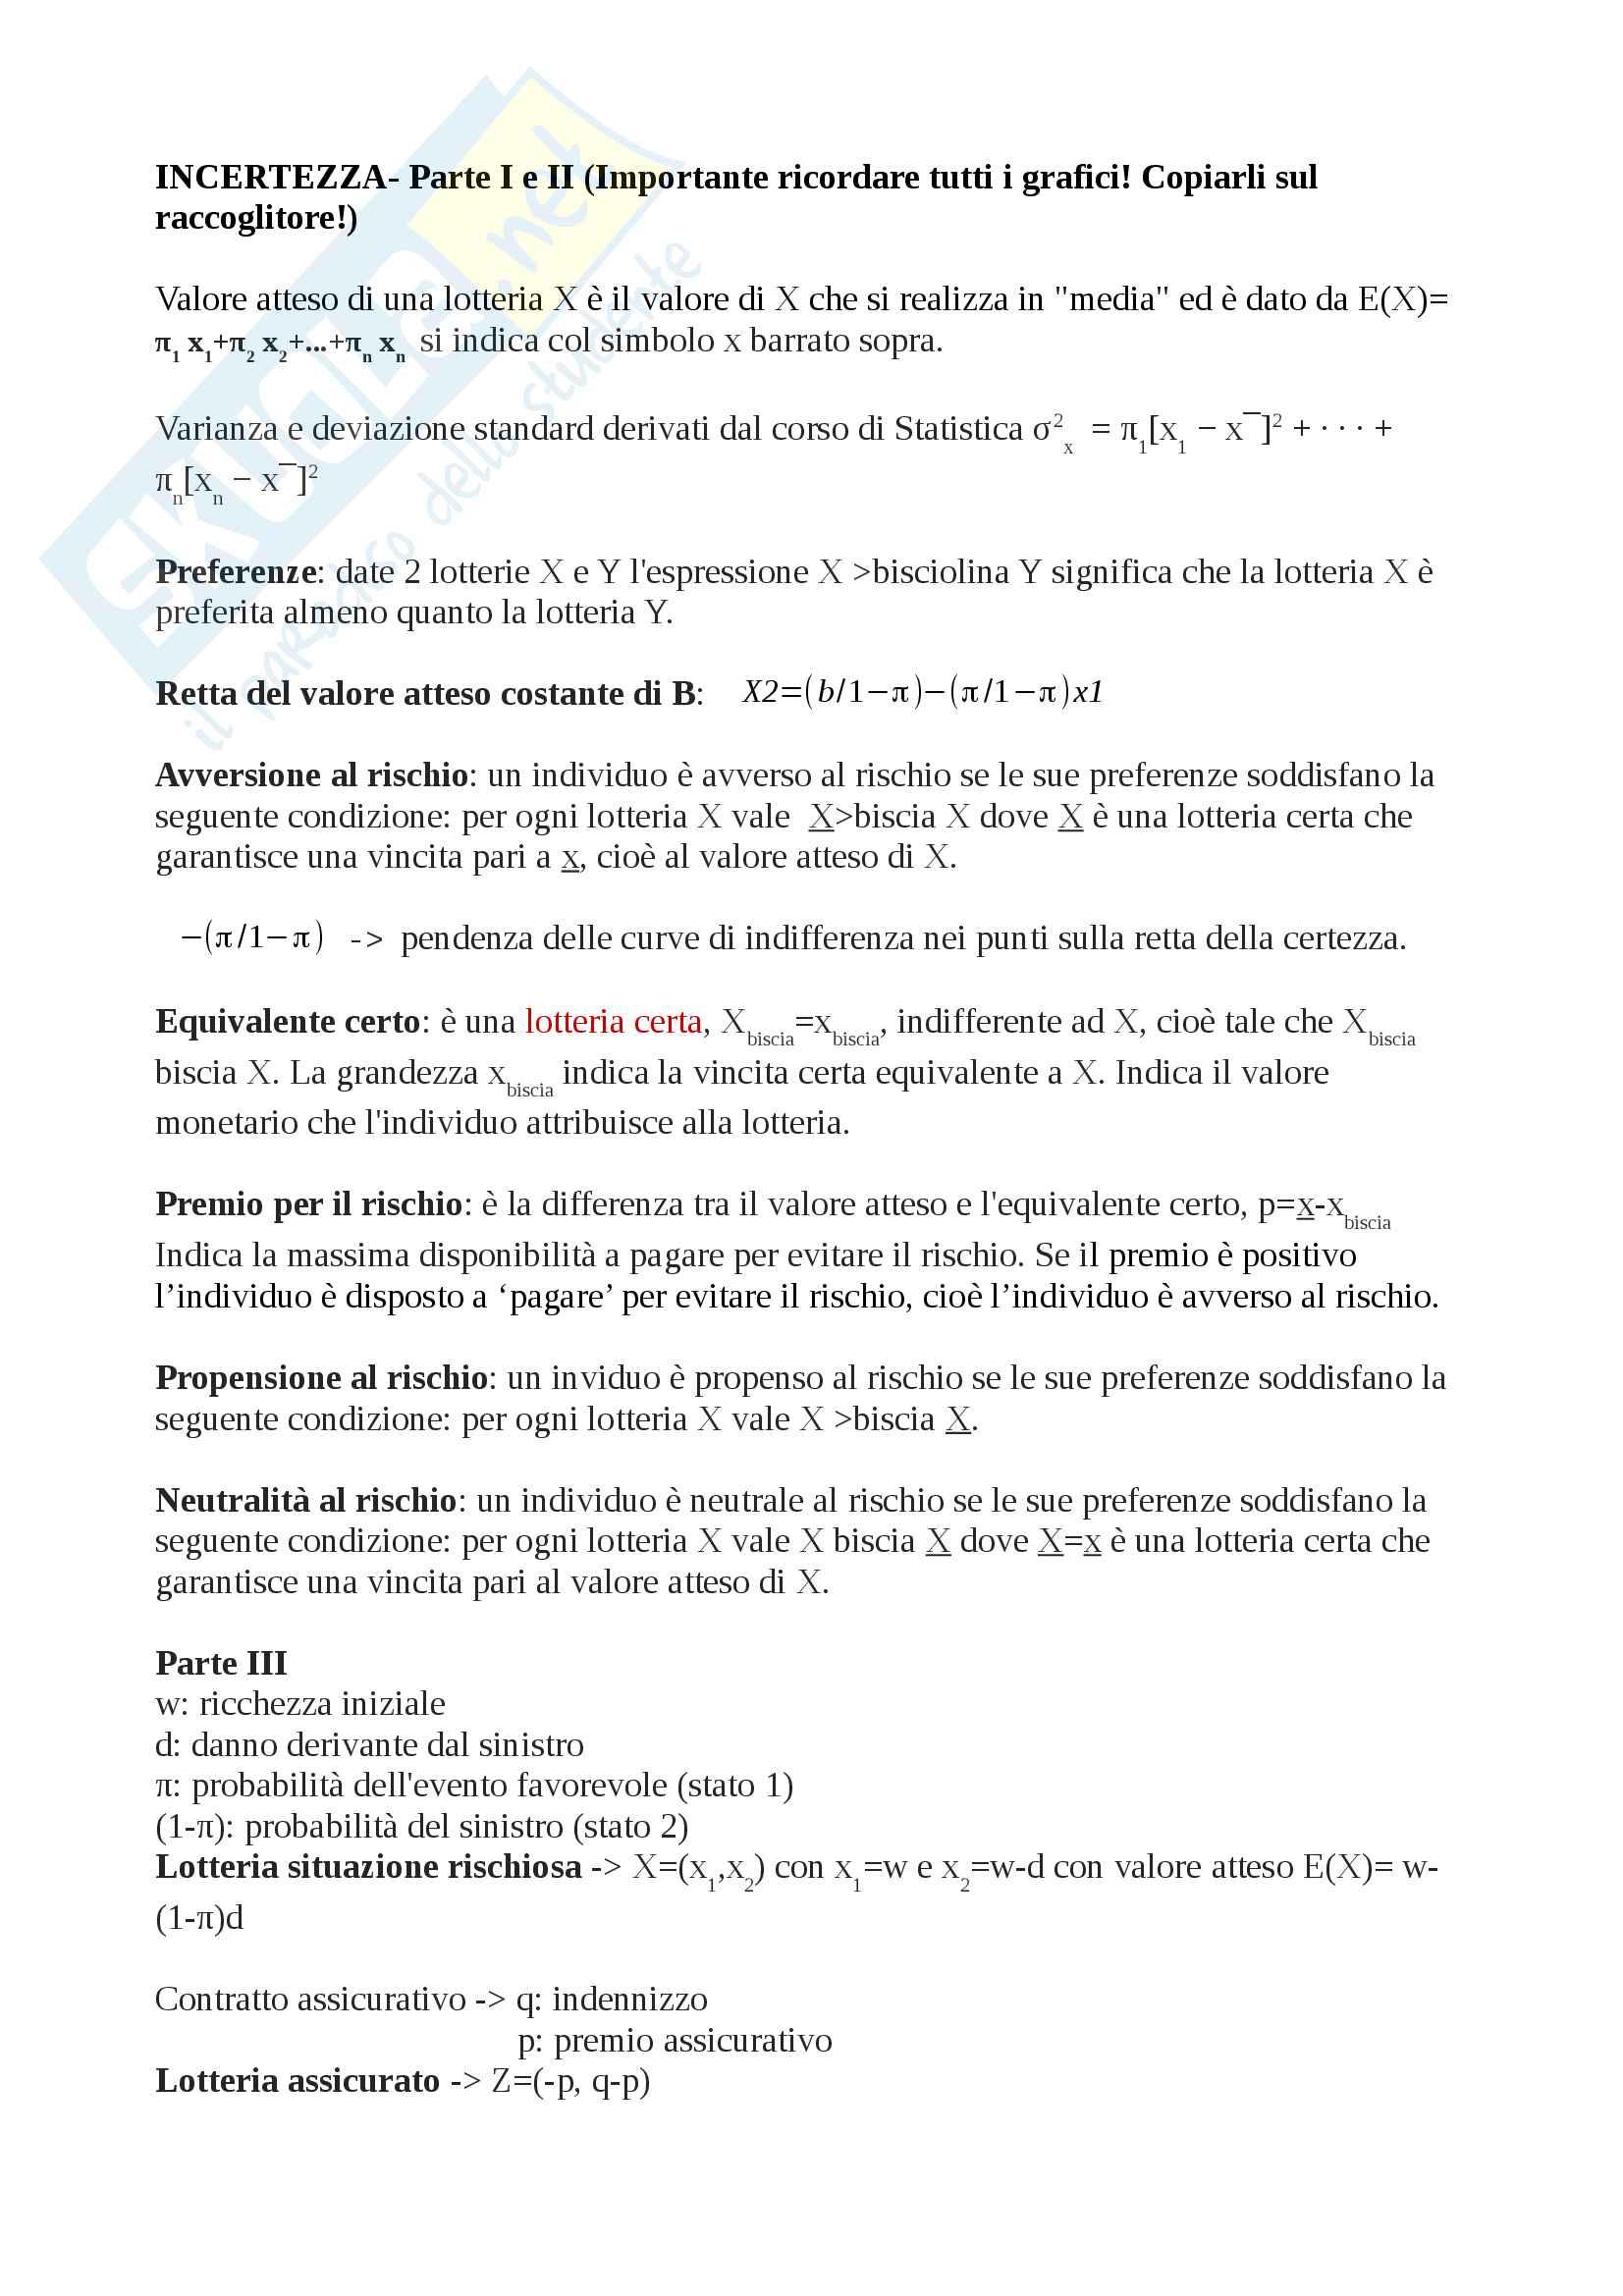 Microeconomia (cenni semplici per passare con 30)